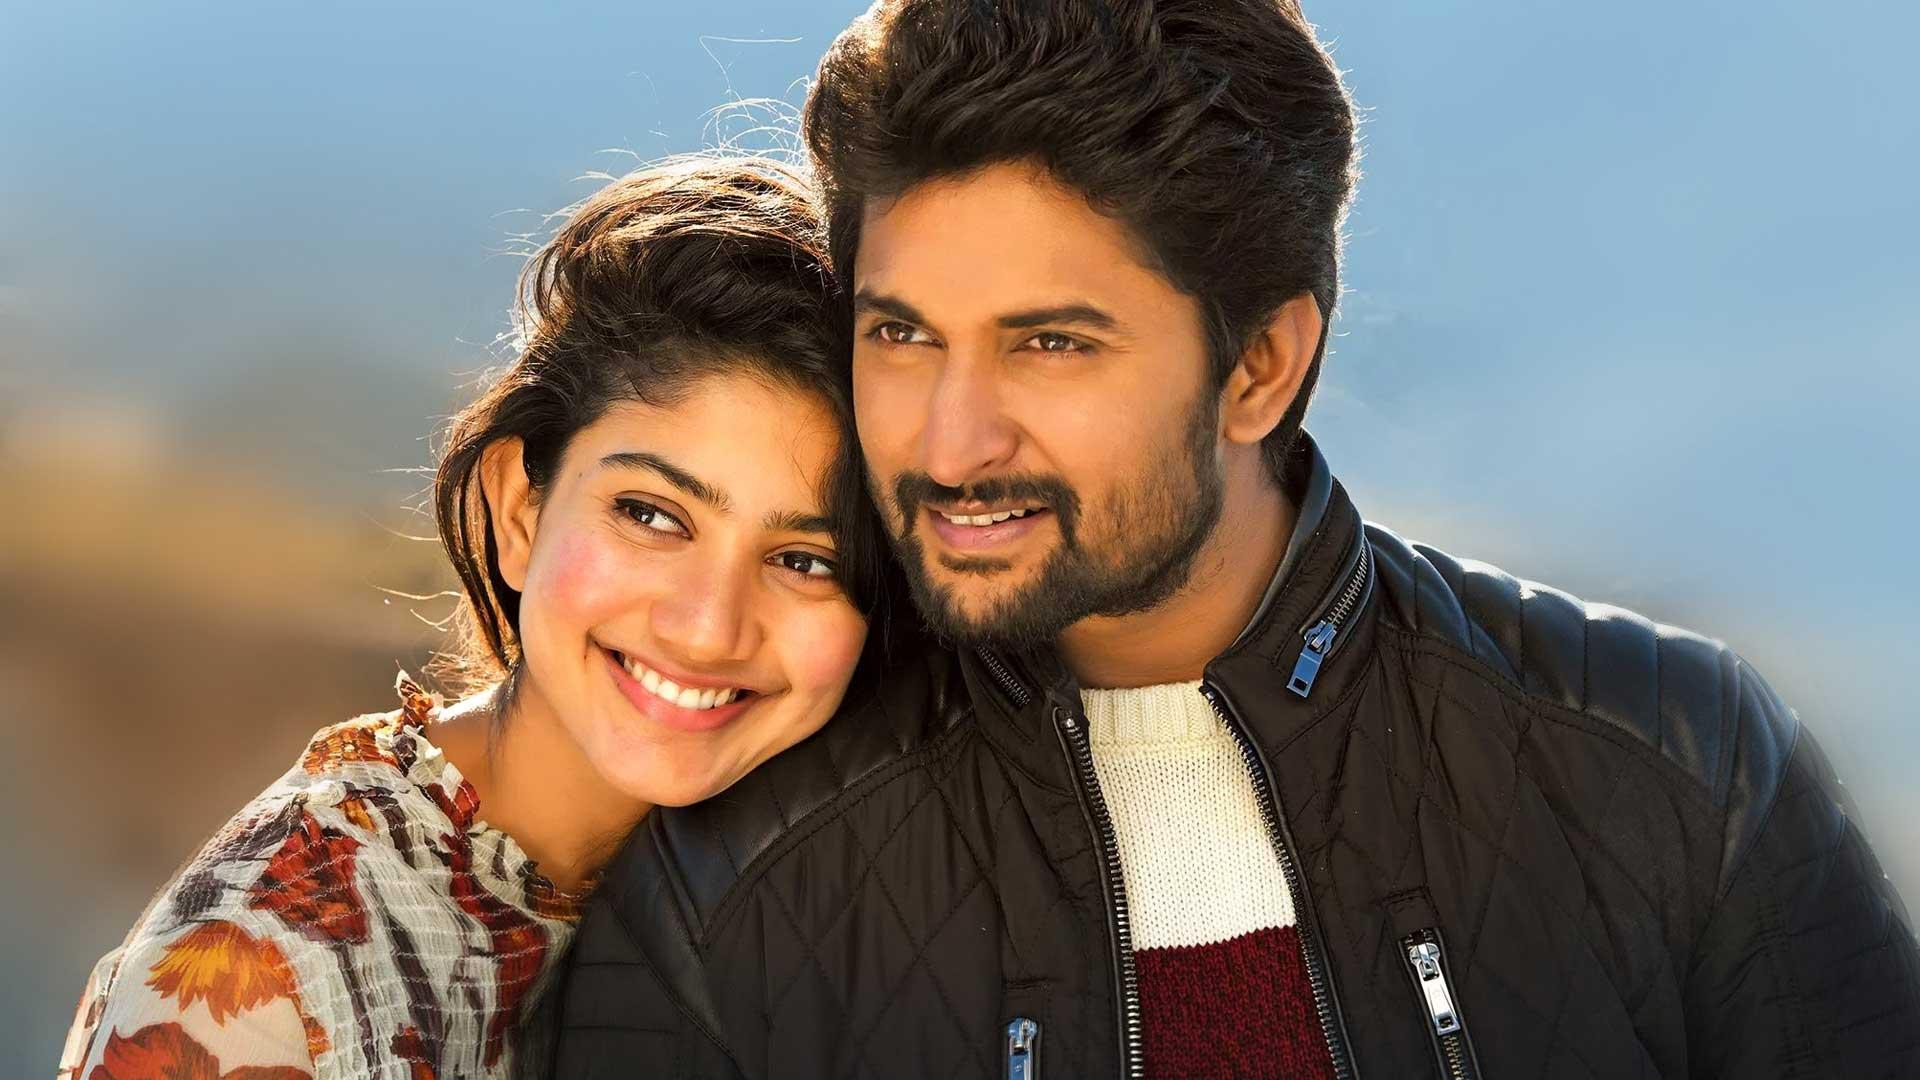 Mca Telugu Full Movie Online Watch Mca Movie Online In Hd Quality